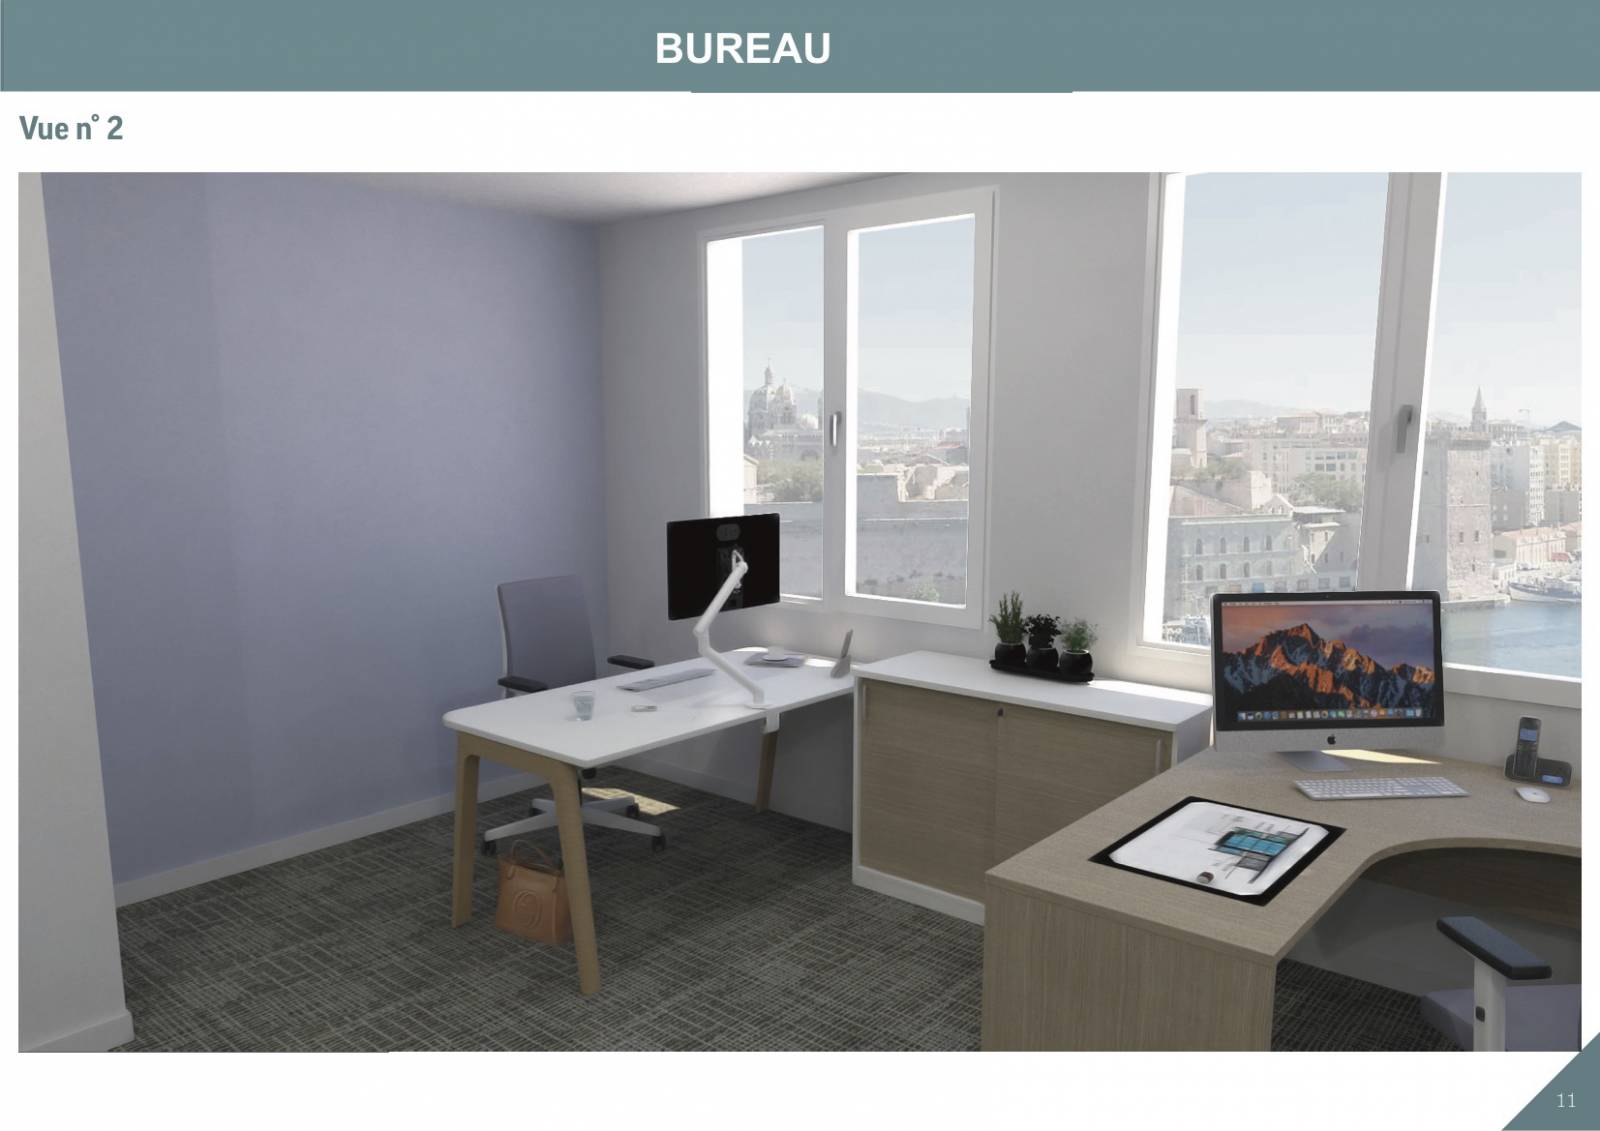 Visuel d'un bureau avec bureau Levitate et bras articulé